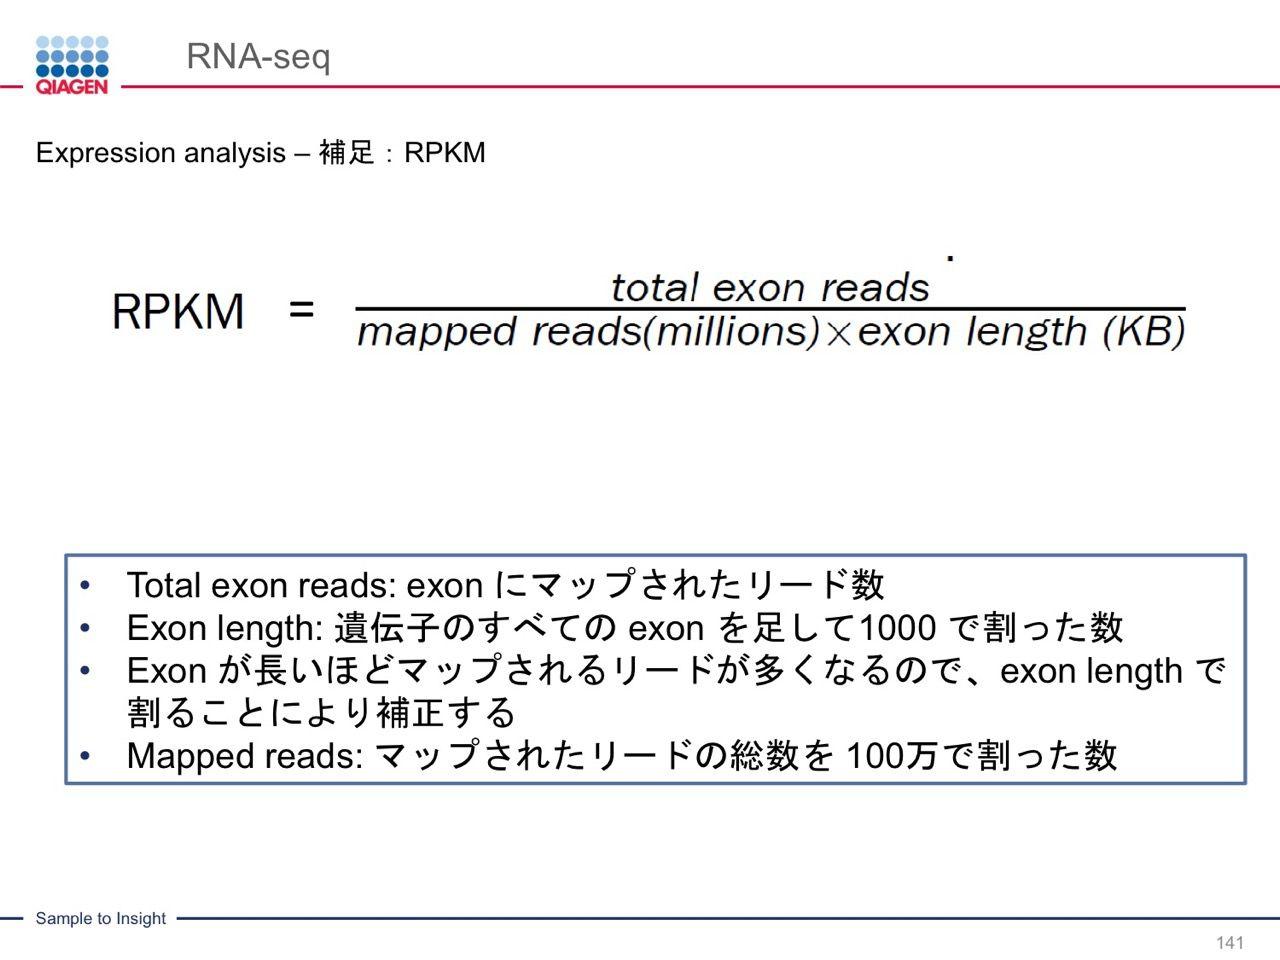 images/AJACSa2_miyamoto_141.jpg